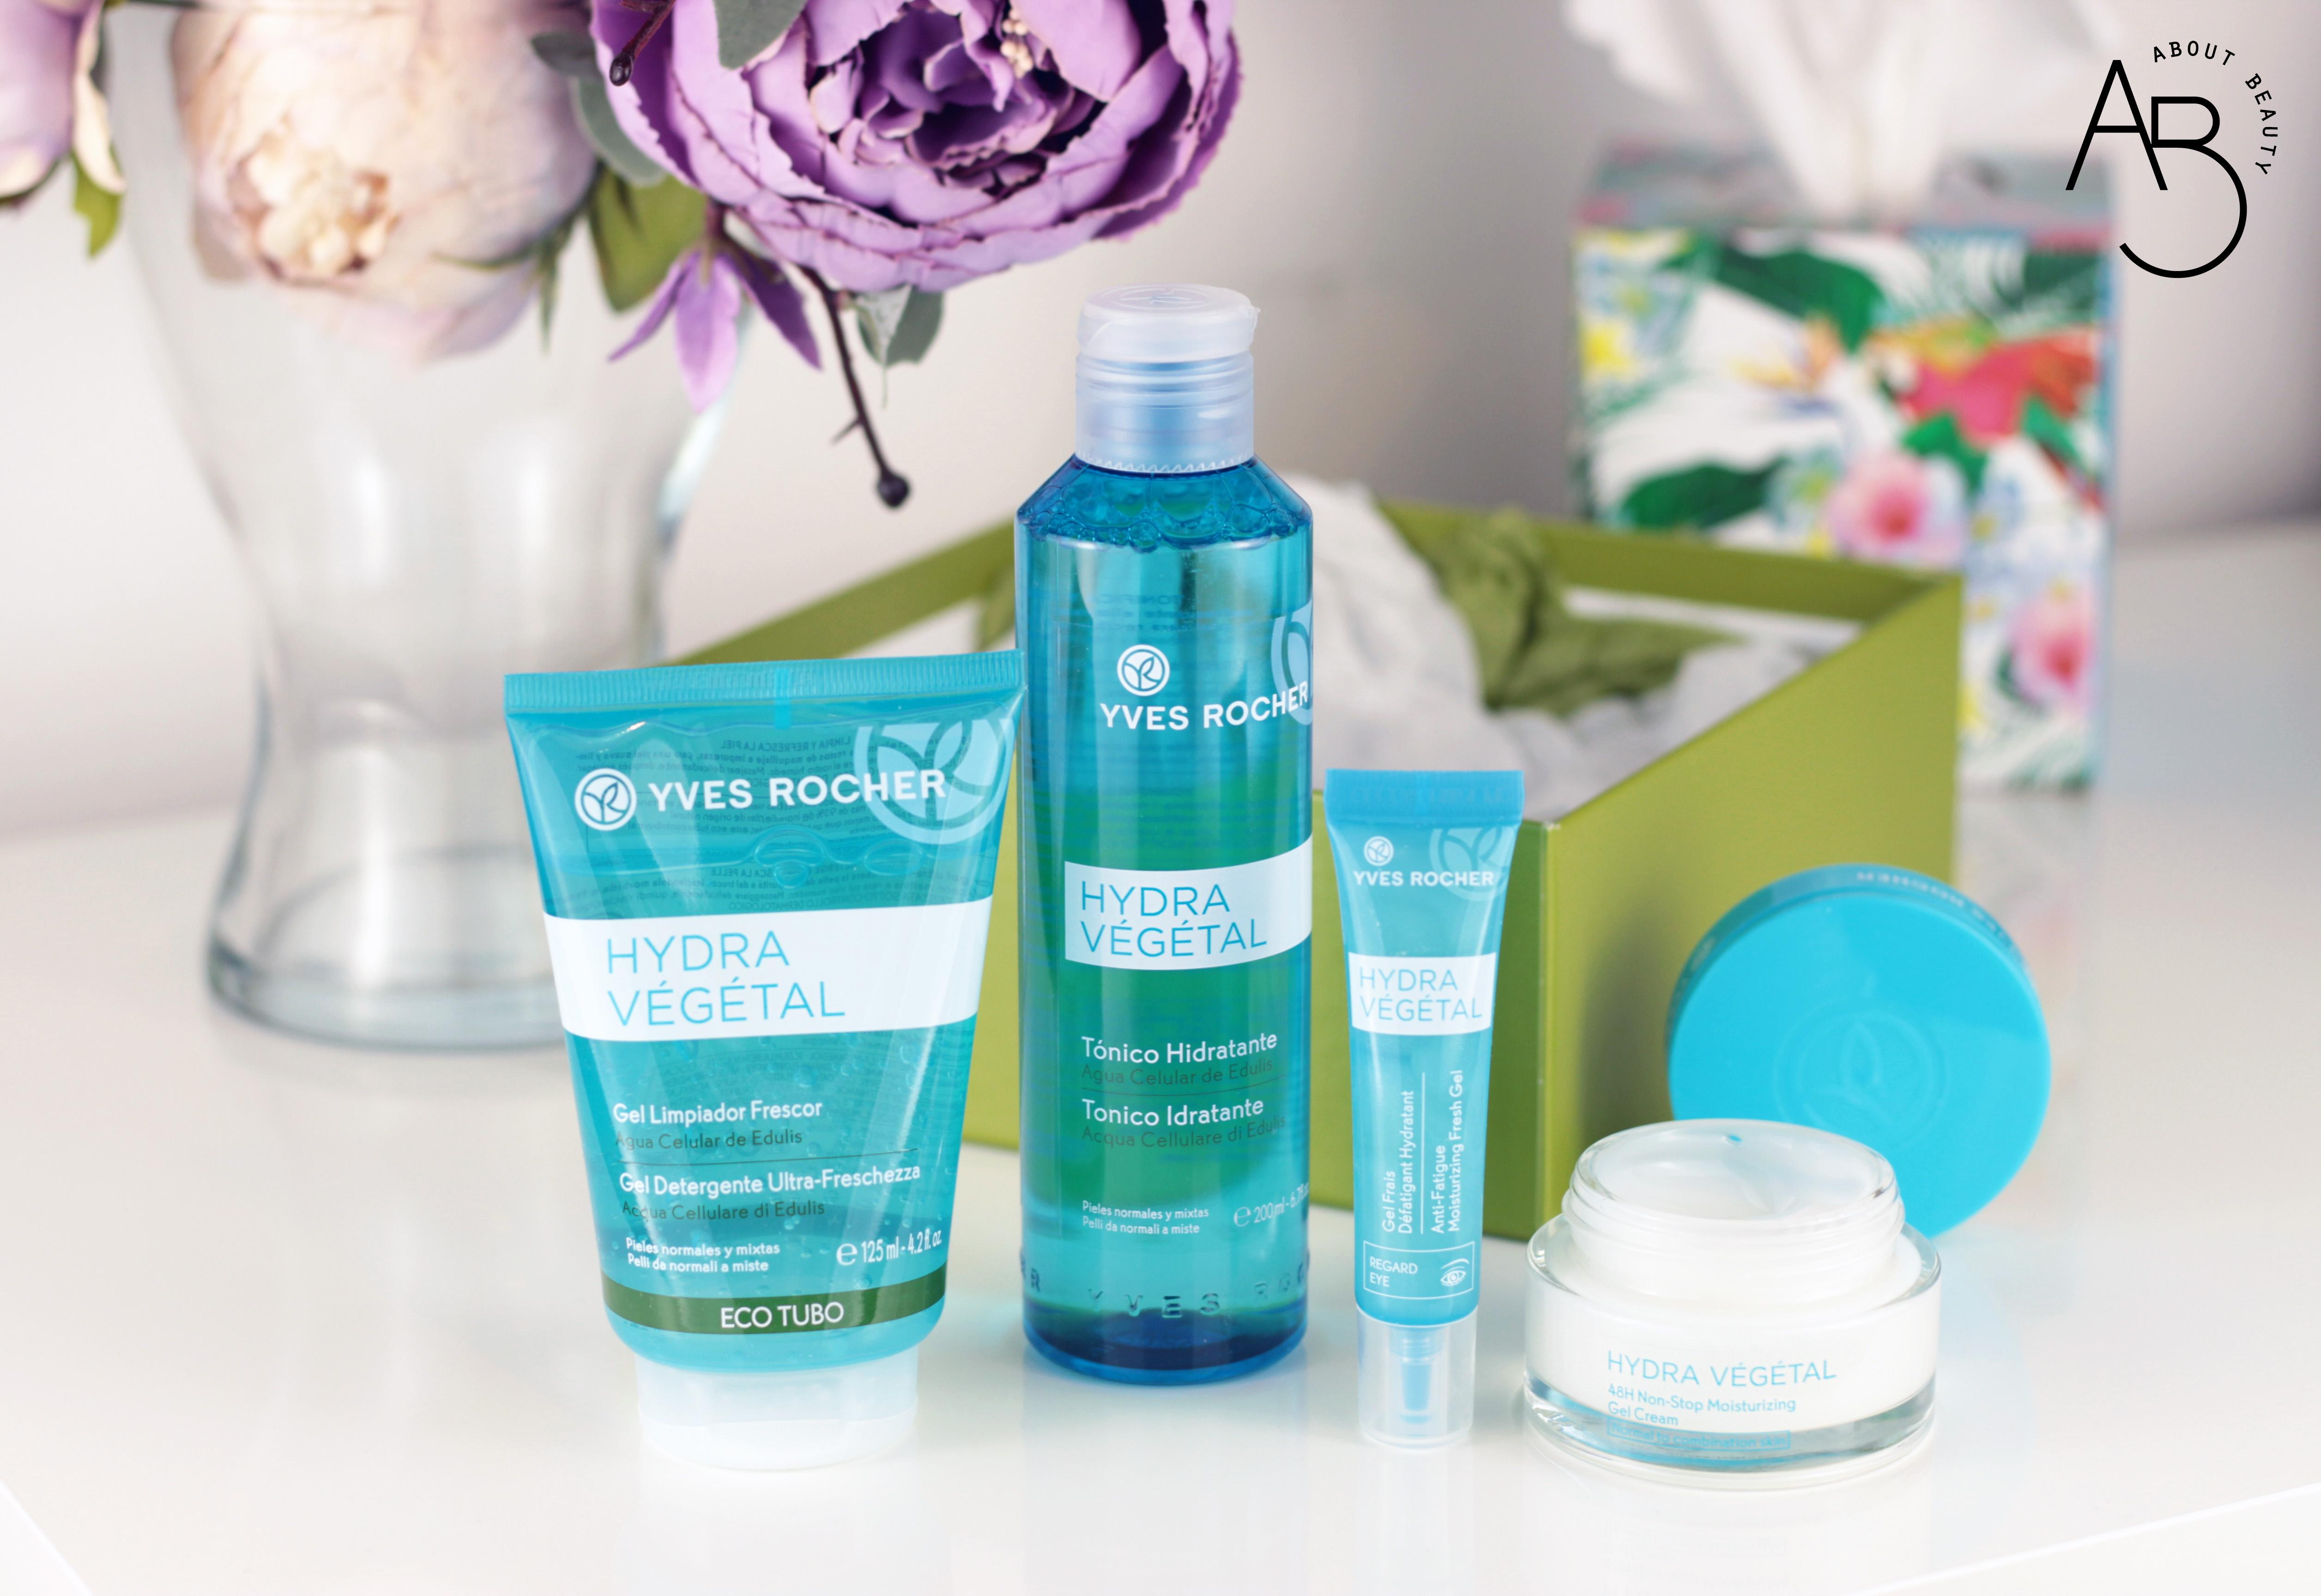 Yves Rocher Hydra Vegetal, la nuova linea idratante - Review, recensione, info, prezzo, dove acquistare, foto